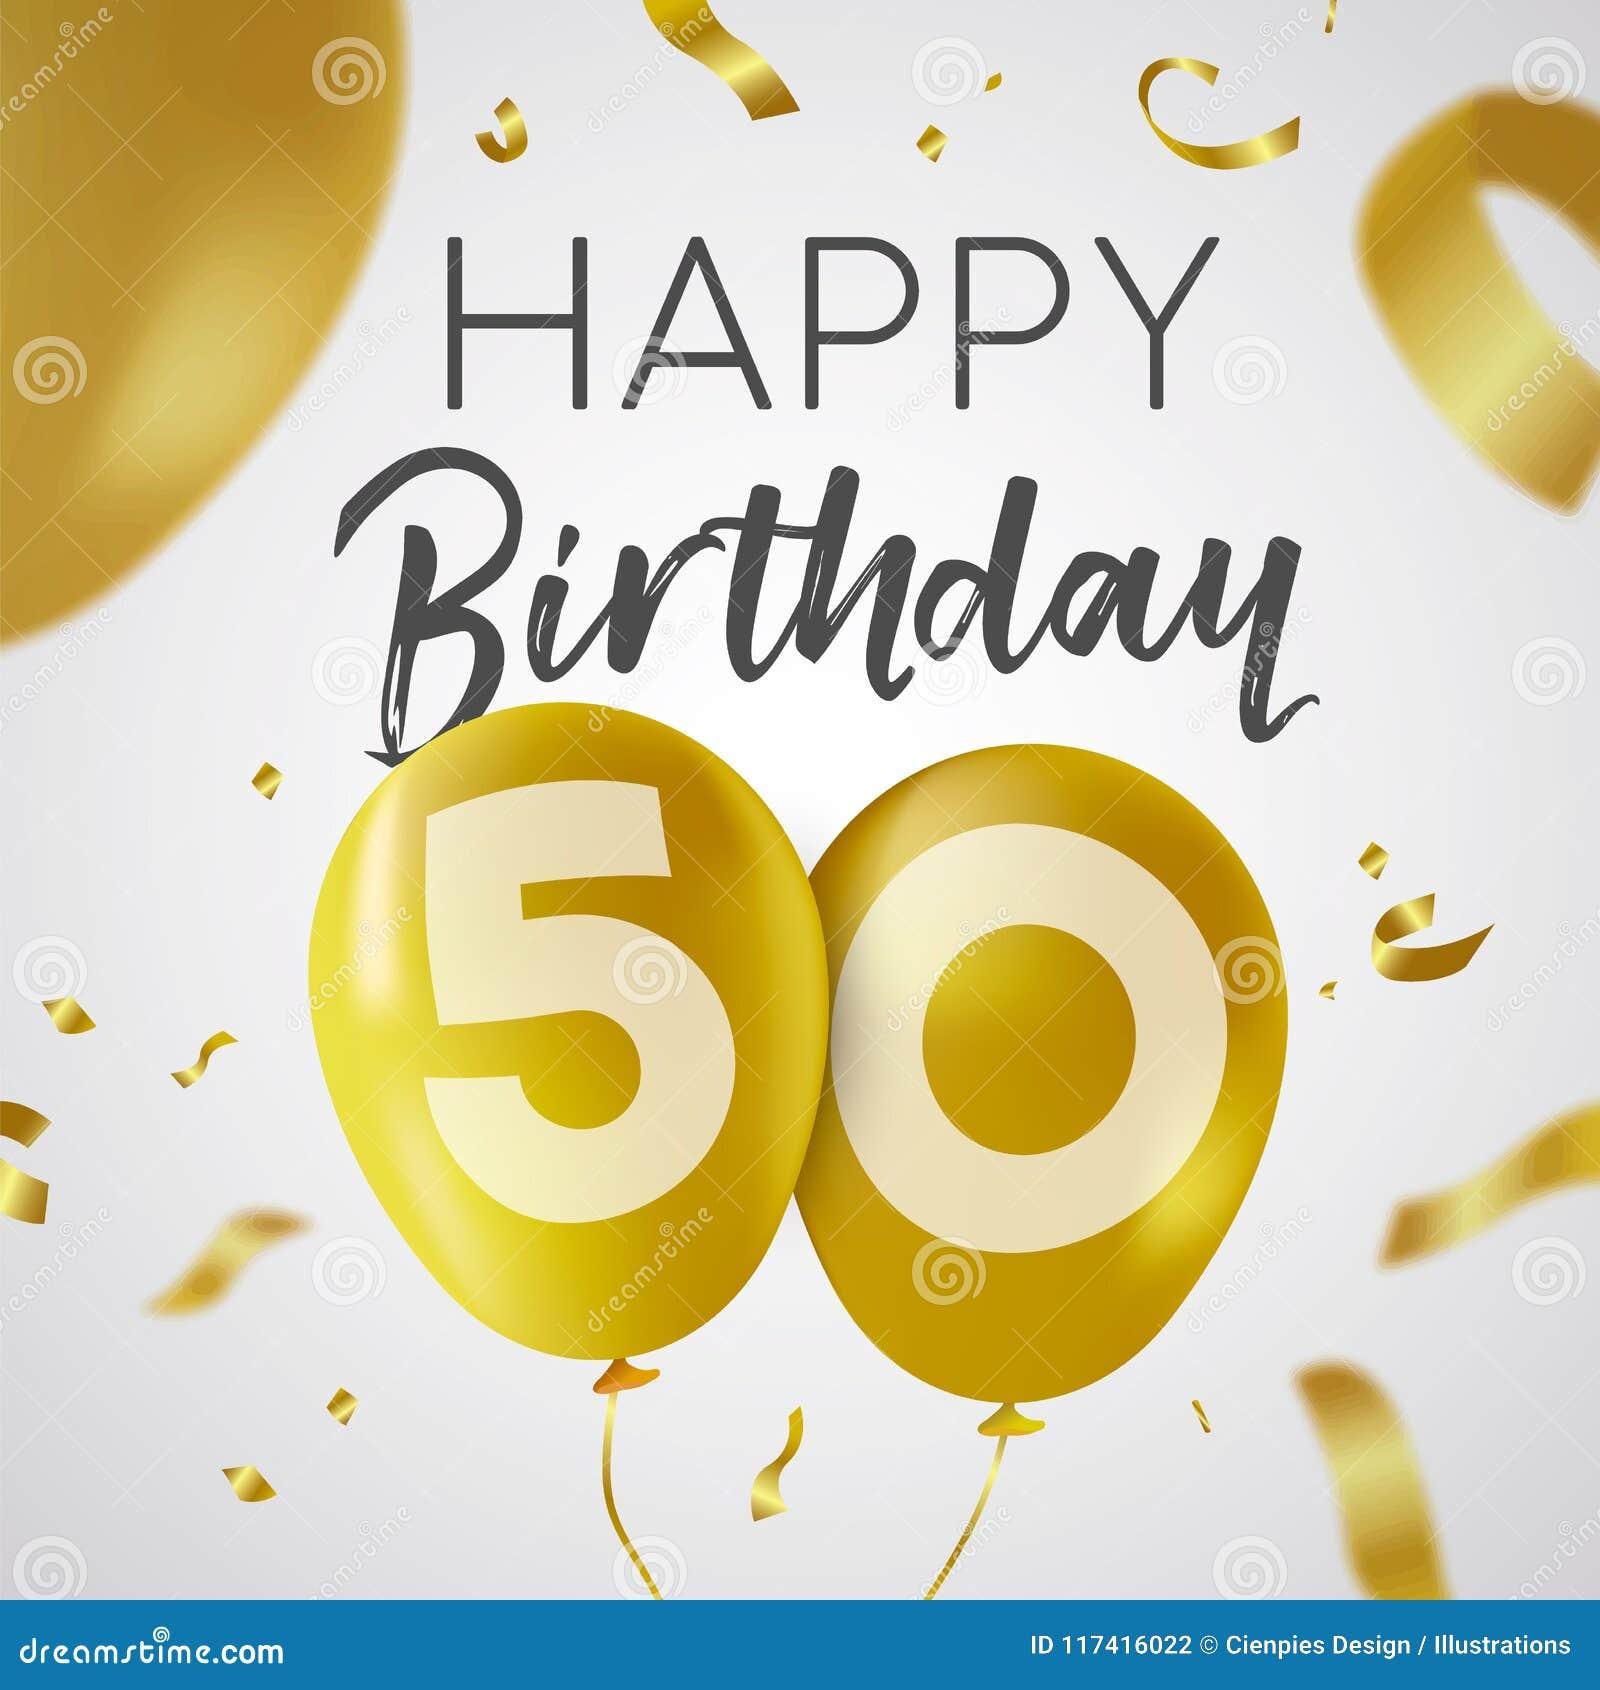 Feliz Cumpleaños 50 Tarjeta Del Globo Del Oro De Cincuenta